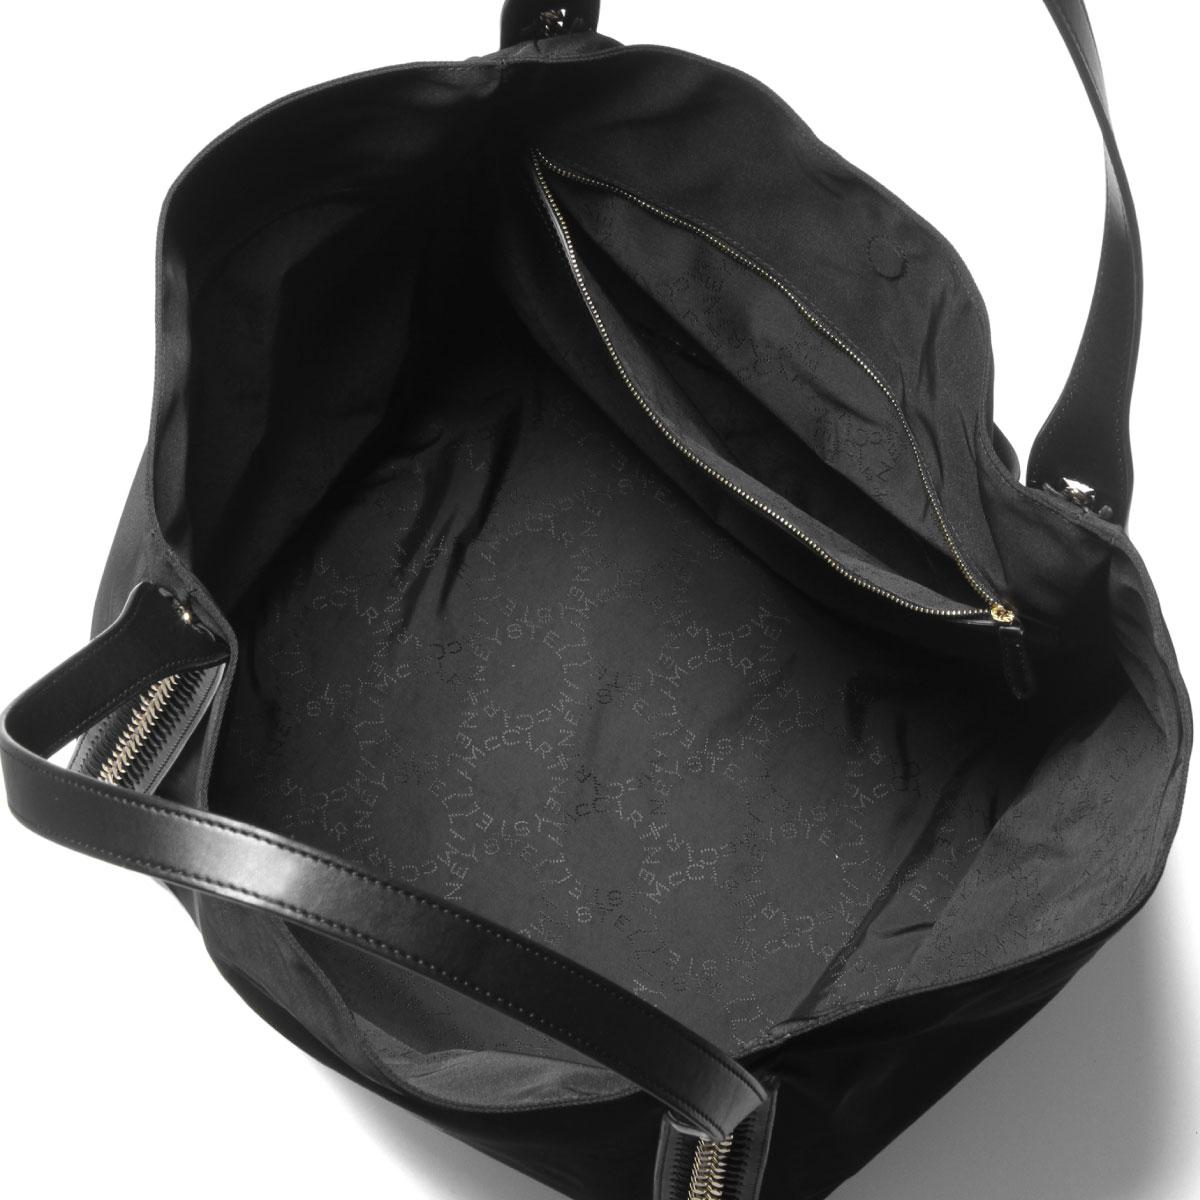 ステラ マッカートニー STELLA McCARTNEY バッグ レディース 557856 W8091 1000 トートバッグ FALABELLA GO ファラベラ ゴー BLACK ブラック